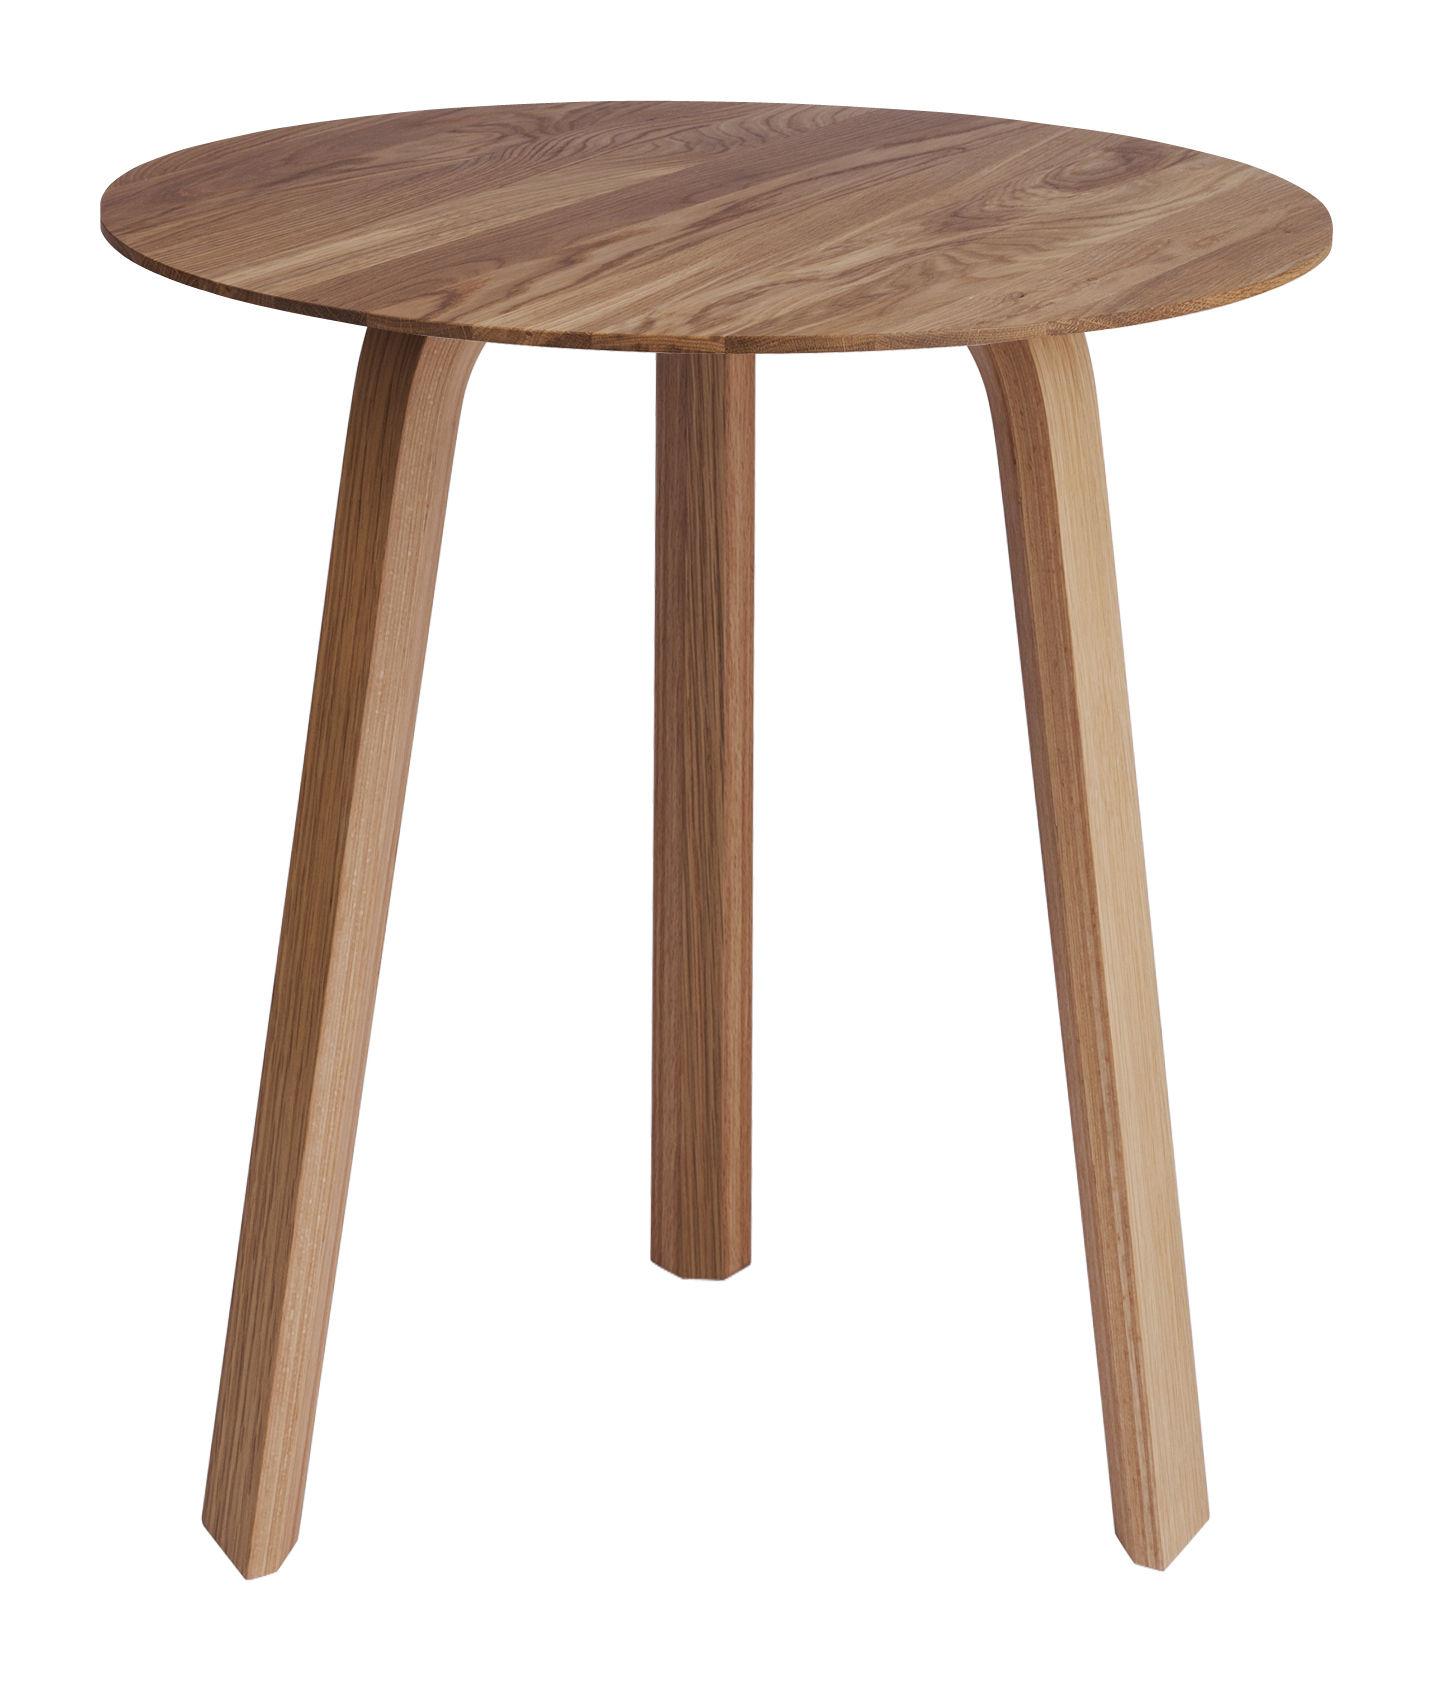 Arredamento - Tavolini  - Tavolino Bella - Ø 45 x A 49 cm di Hay - Rovere naturale - Massello di quercia oliato